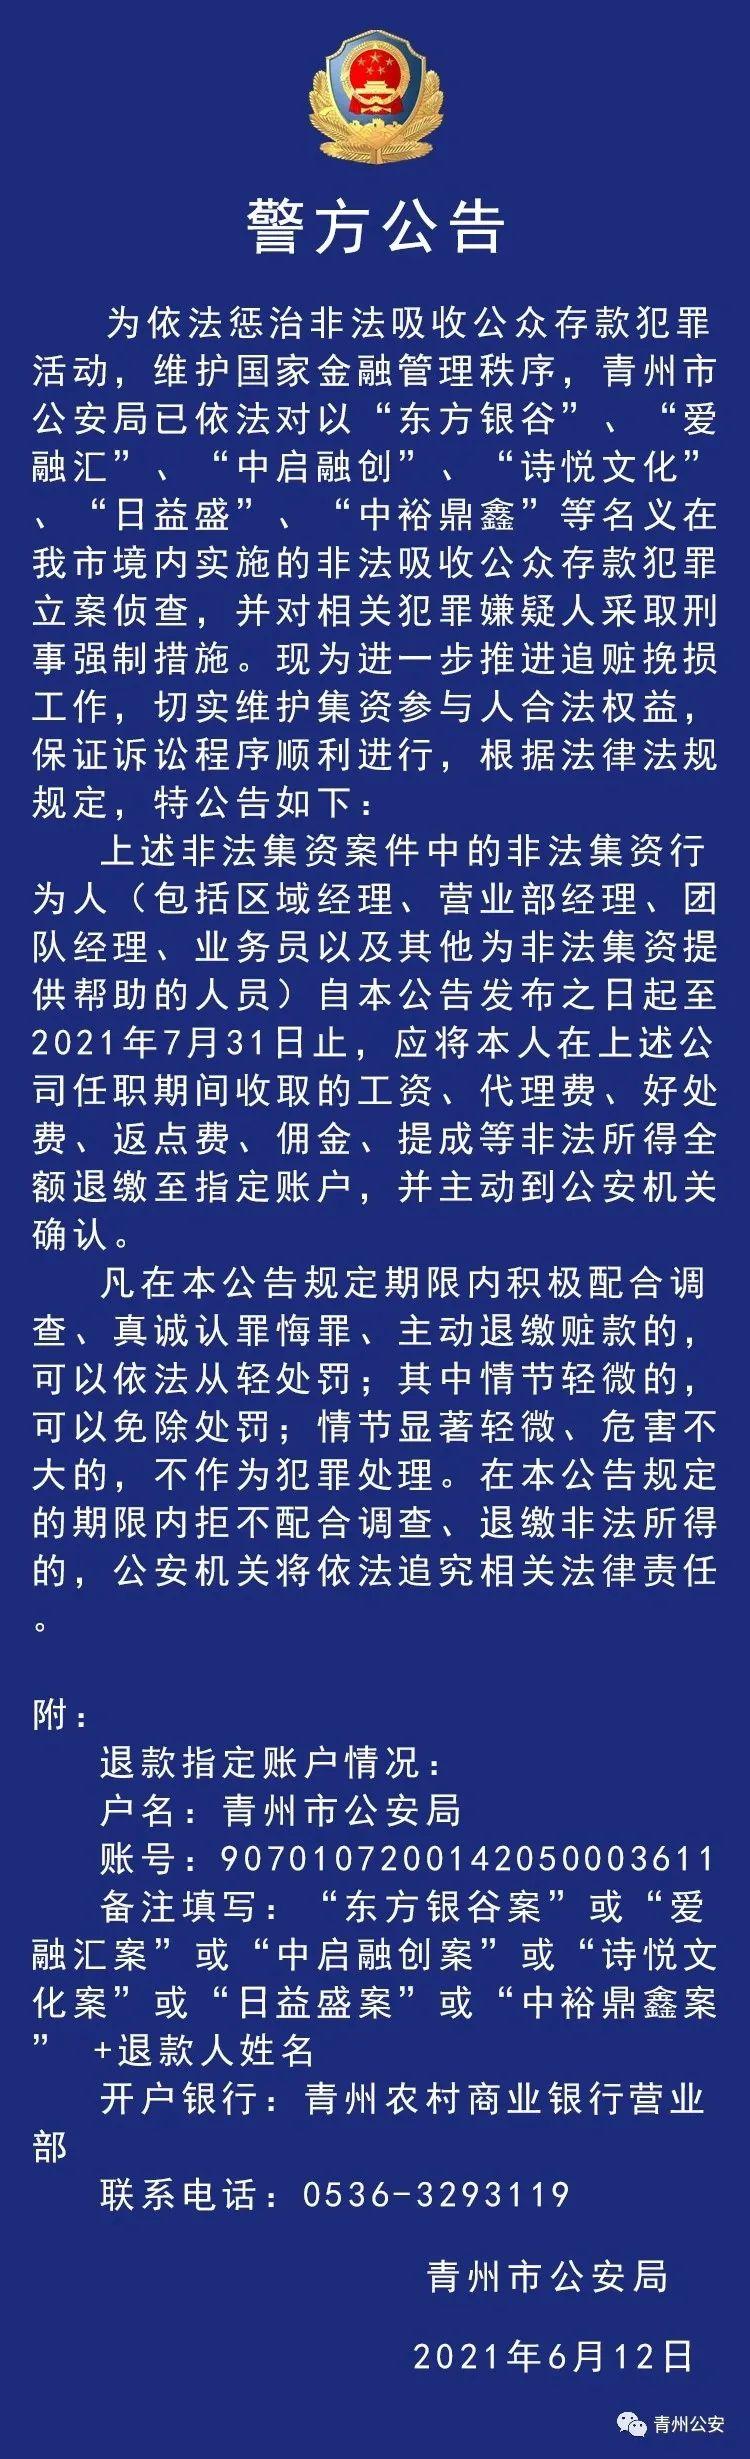 东方银谷等6家平台新动态:警方通告退缴工资、提成